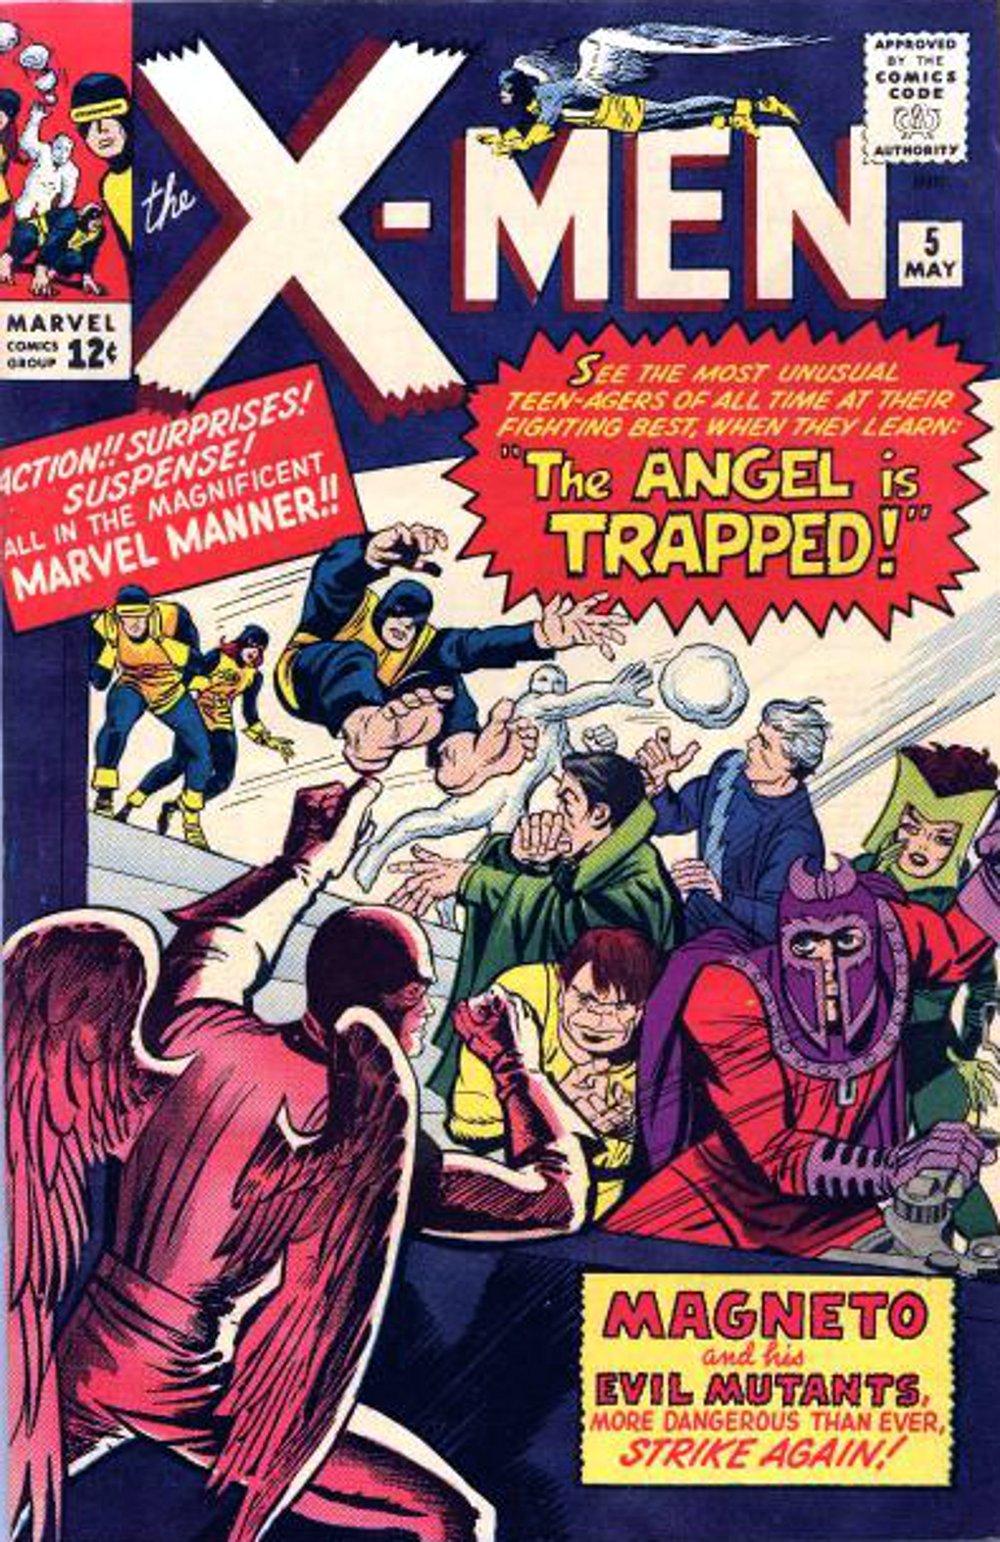 The X-Men Vol.1 #5